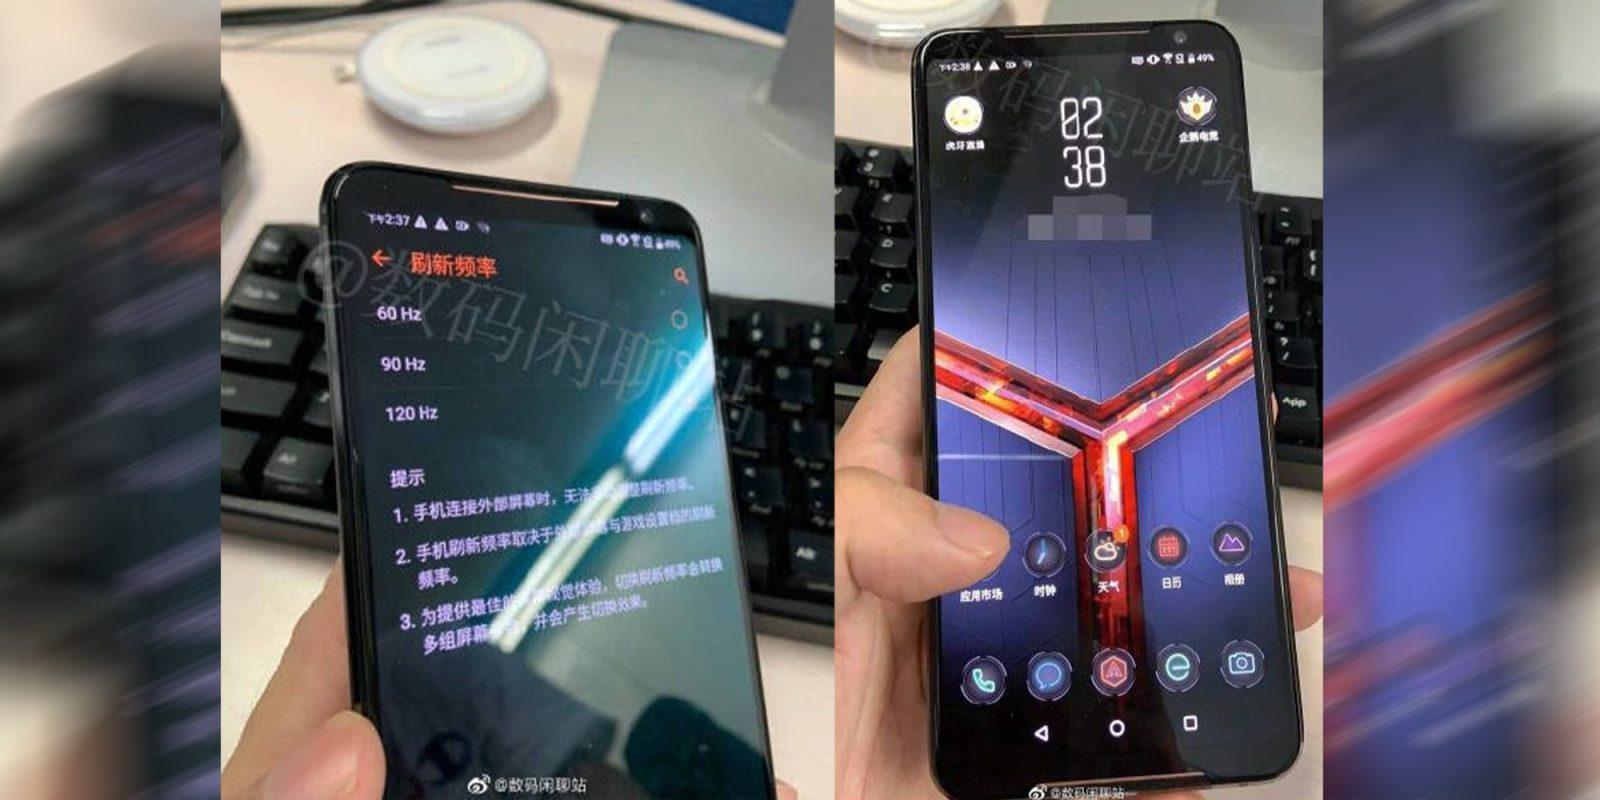 Анонсирован Asus ROG Phone 2 c HDR-экраном и Snapdragon 855+ (1 25)